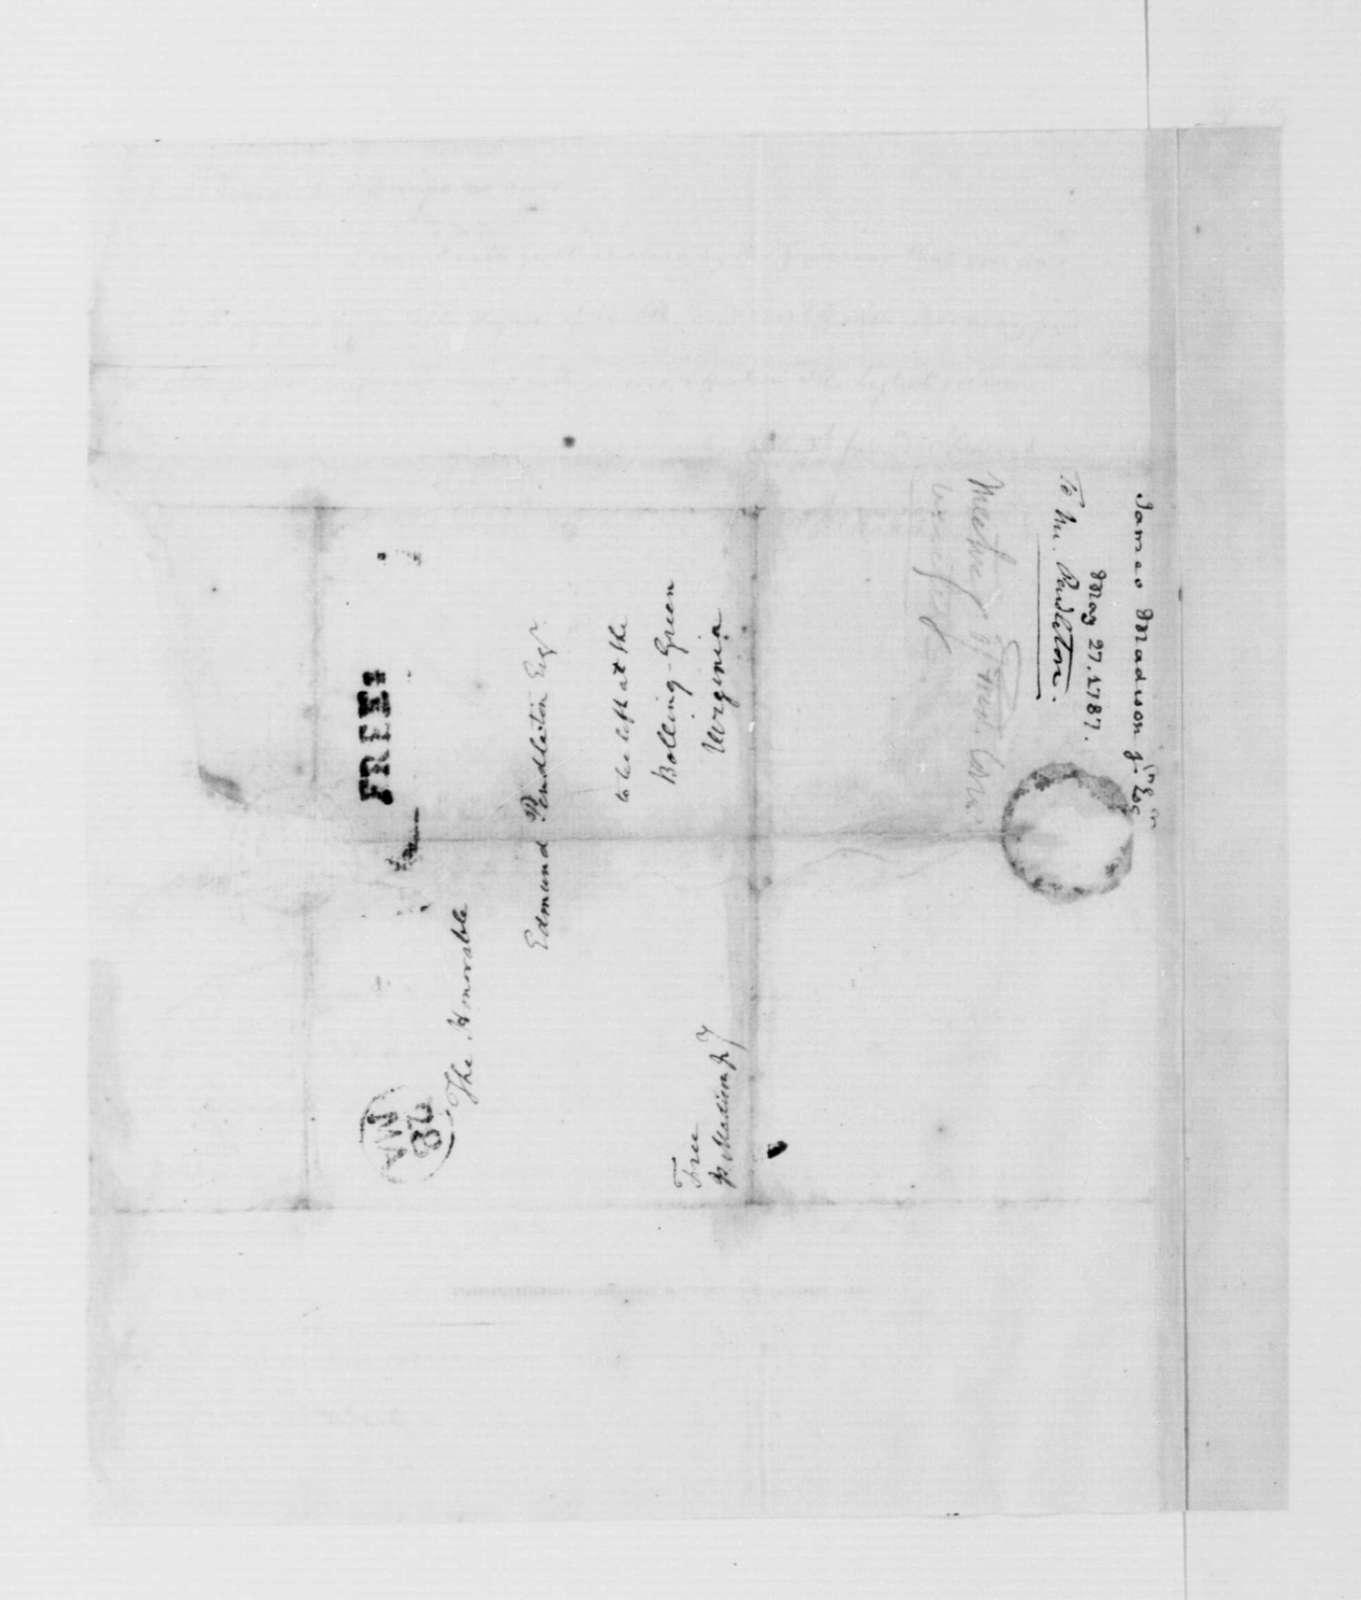 James Madison to Edmund Pendleton, May 28, 1787.